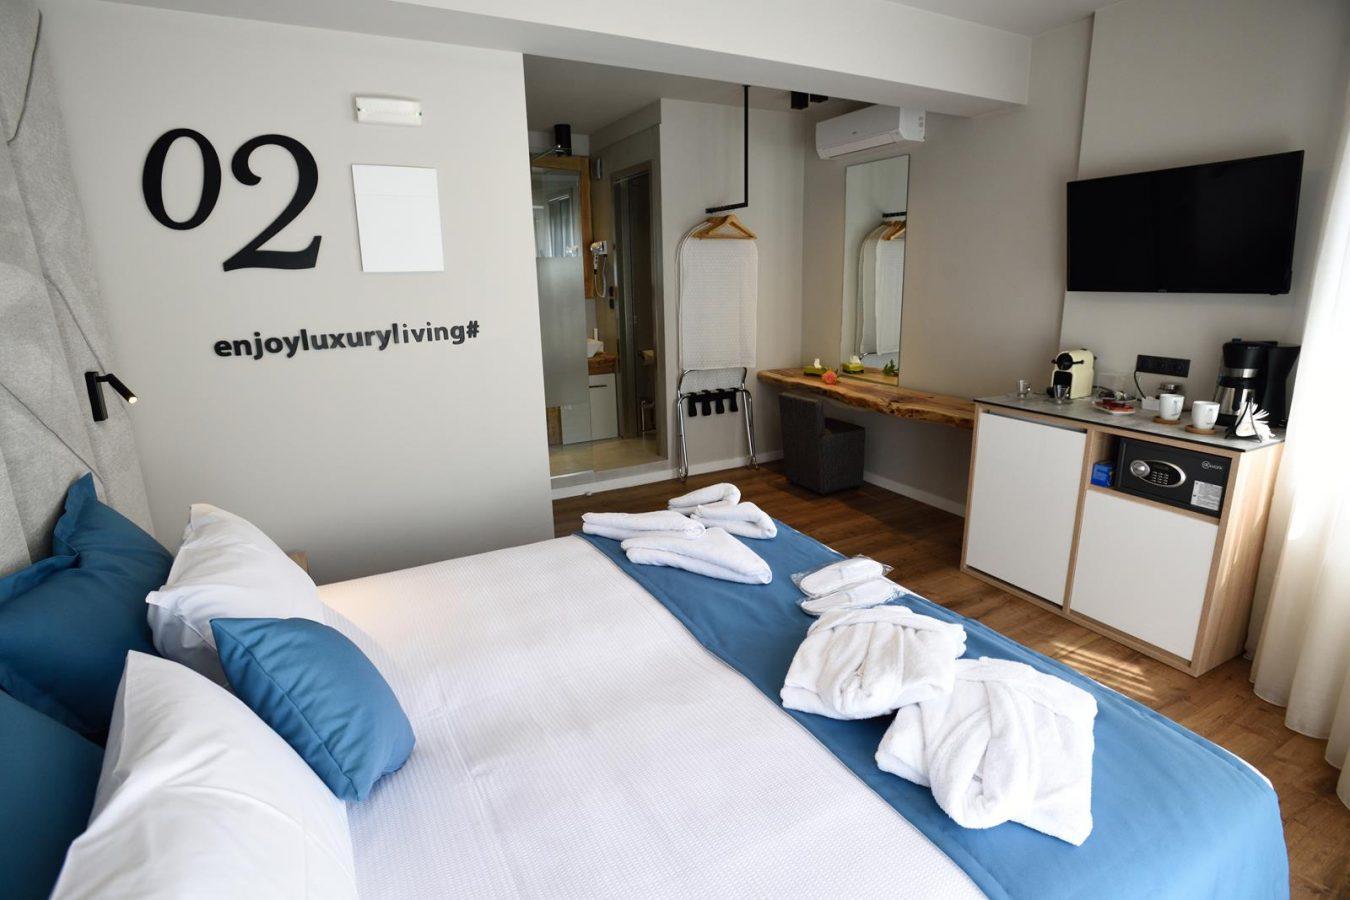 δωματια θεσσαλονικη κεντρο- magnifique luxury suites